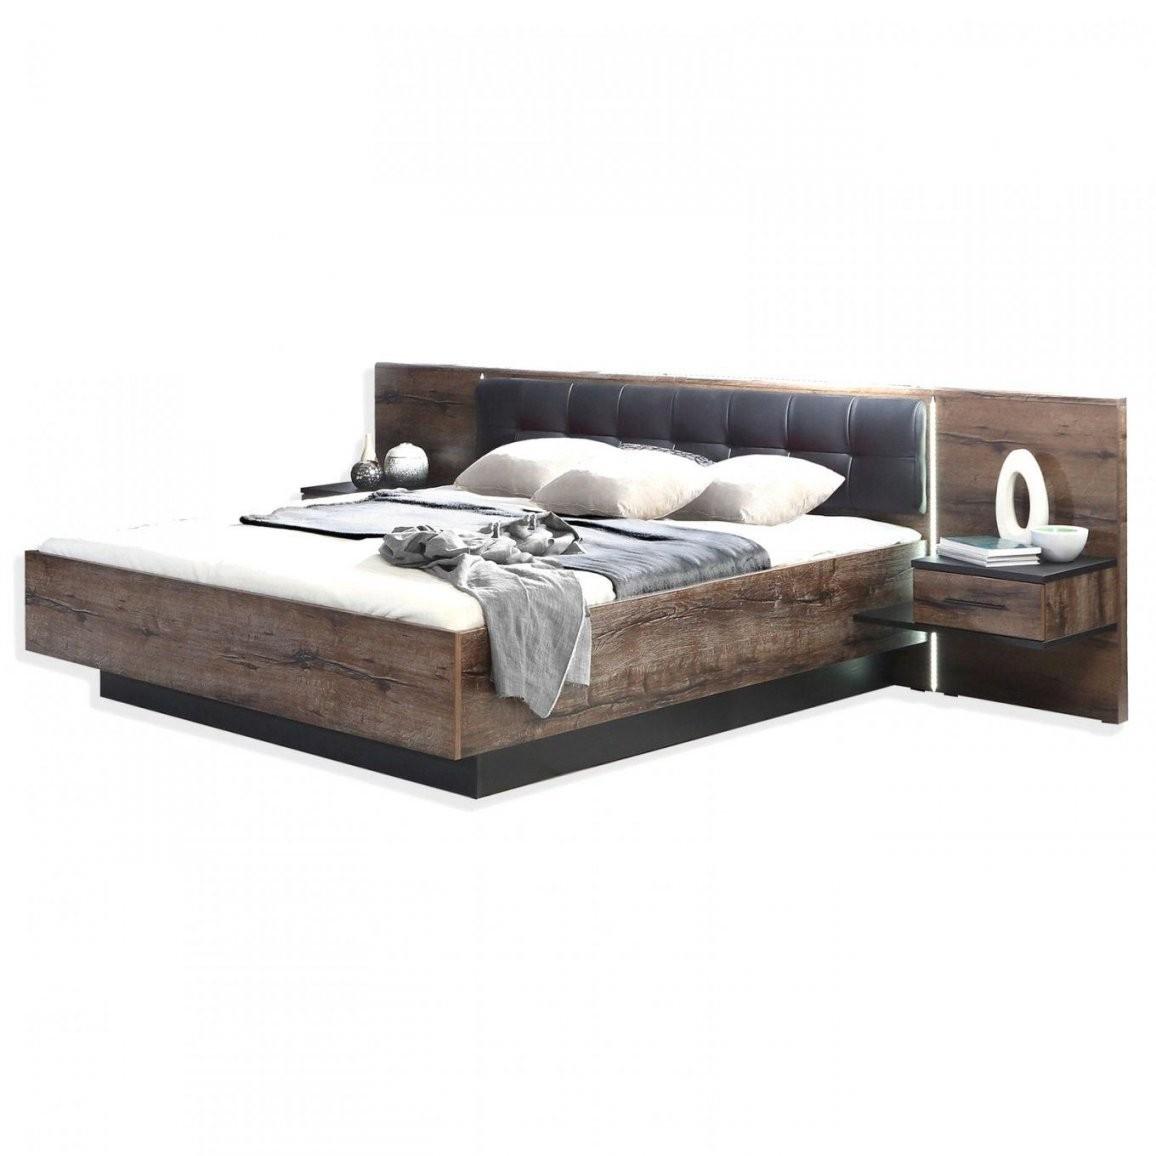 Wunderschöne Inspiration Roller Betten Mit Bettkasten Und Von Roller von Roller Betten Mit Bettkasten Photo